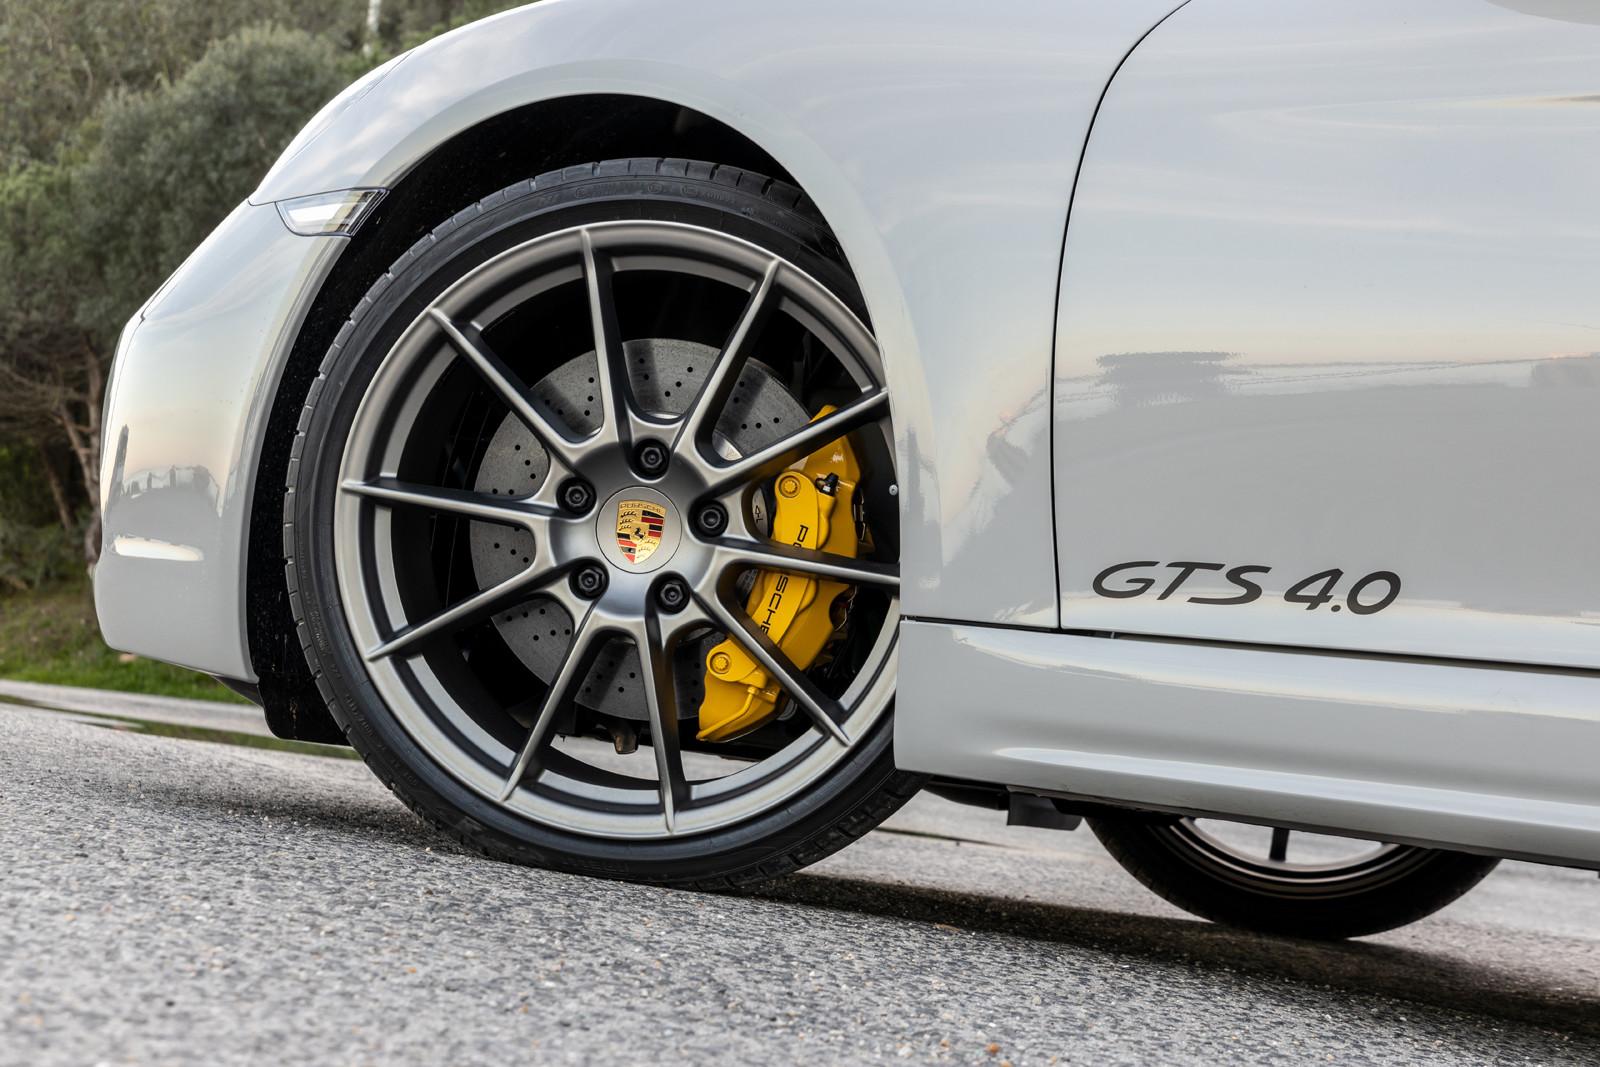 Foto de Porsche 718 Boxster GTS 4.0 (presentación) (87/88)